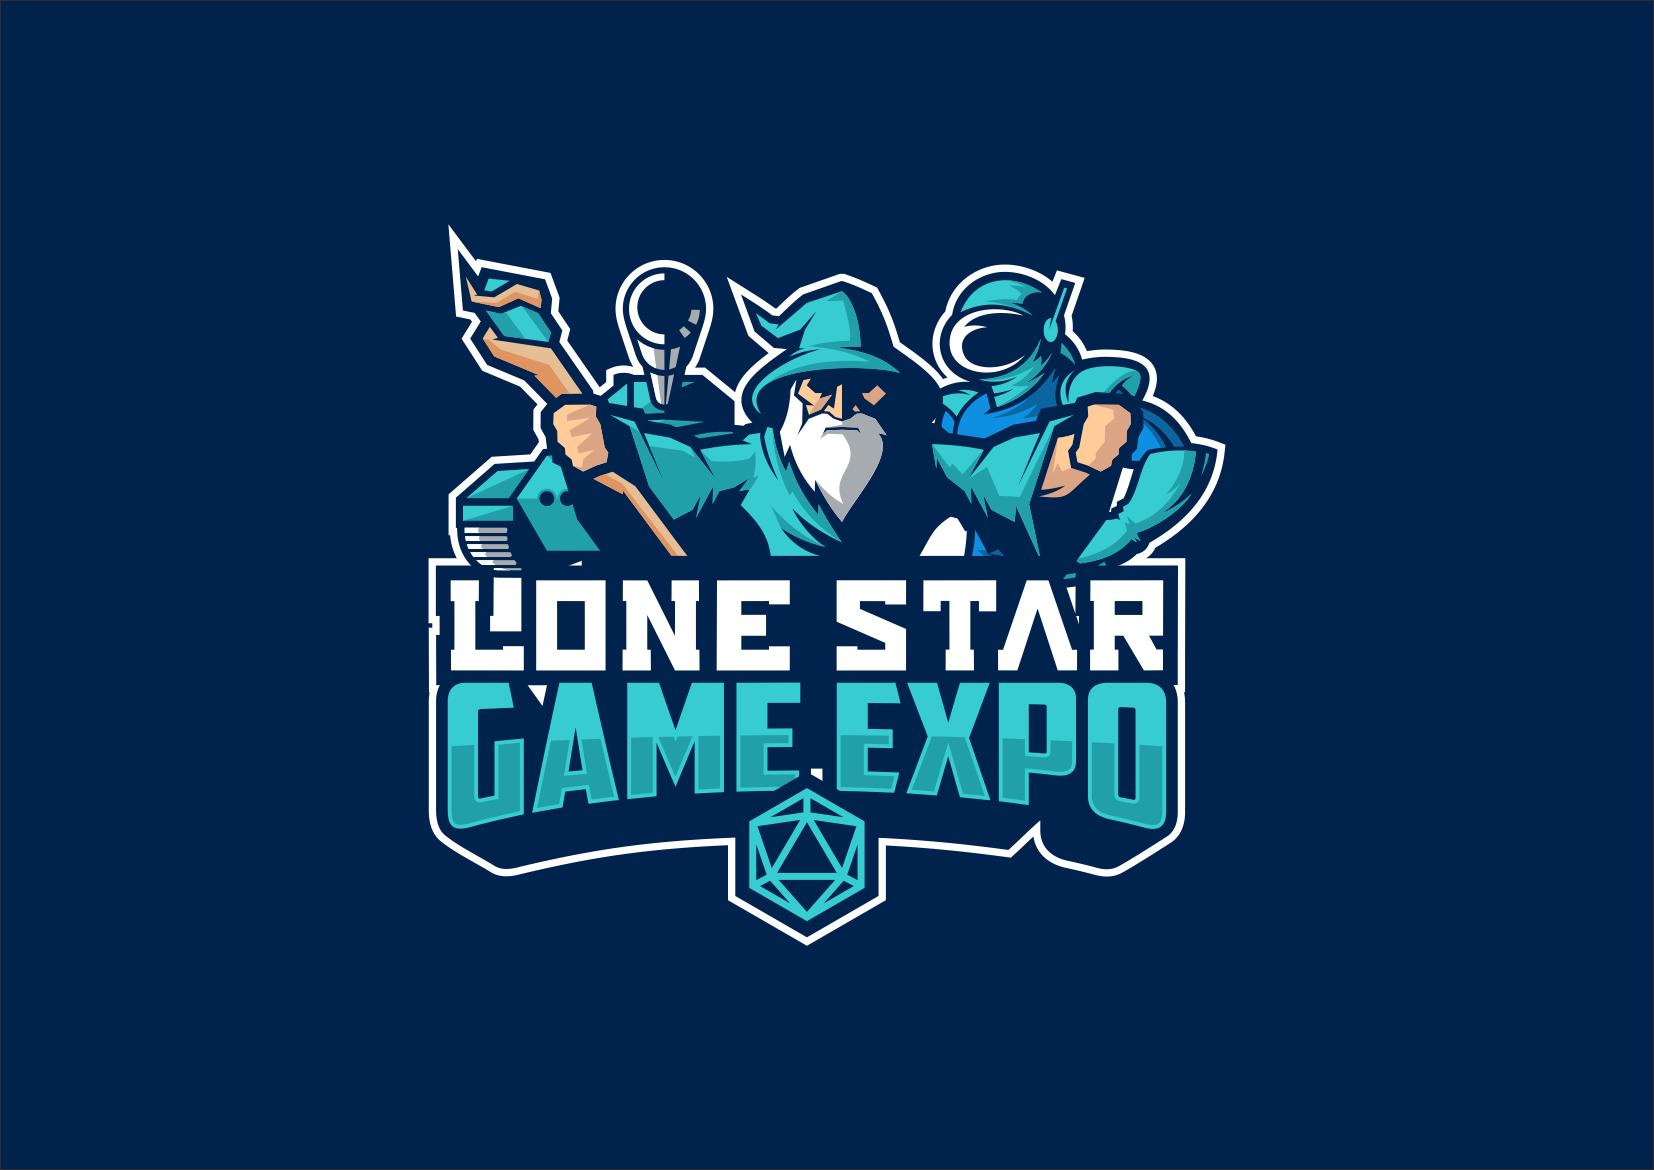 esportslogogamelogogaminglogo Logo design, Personal